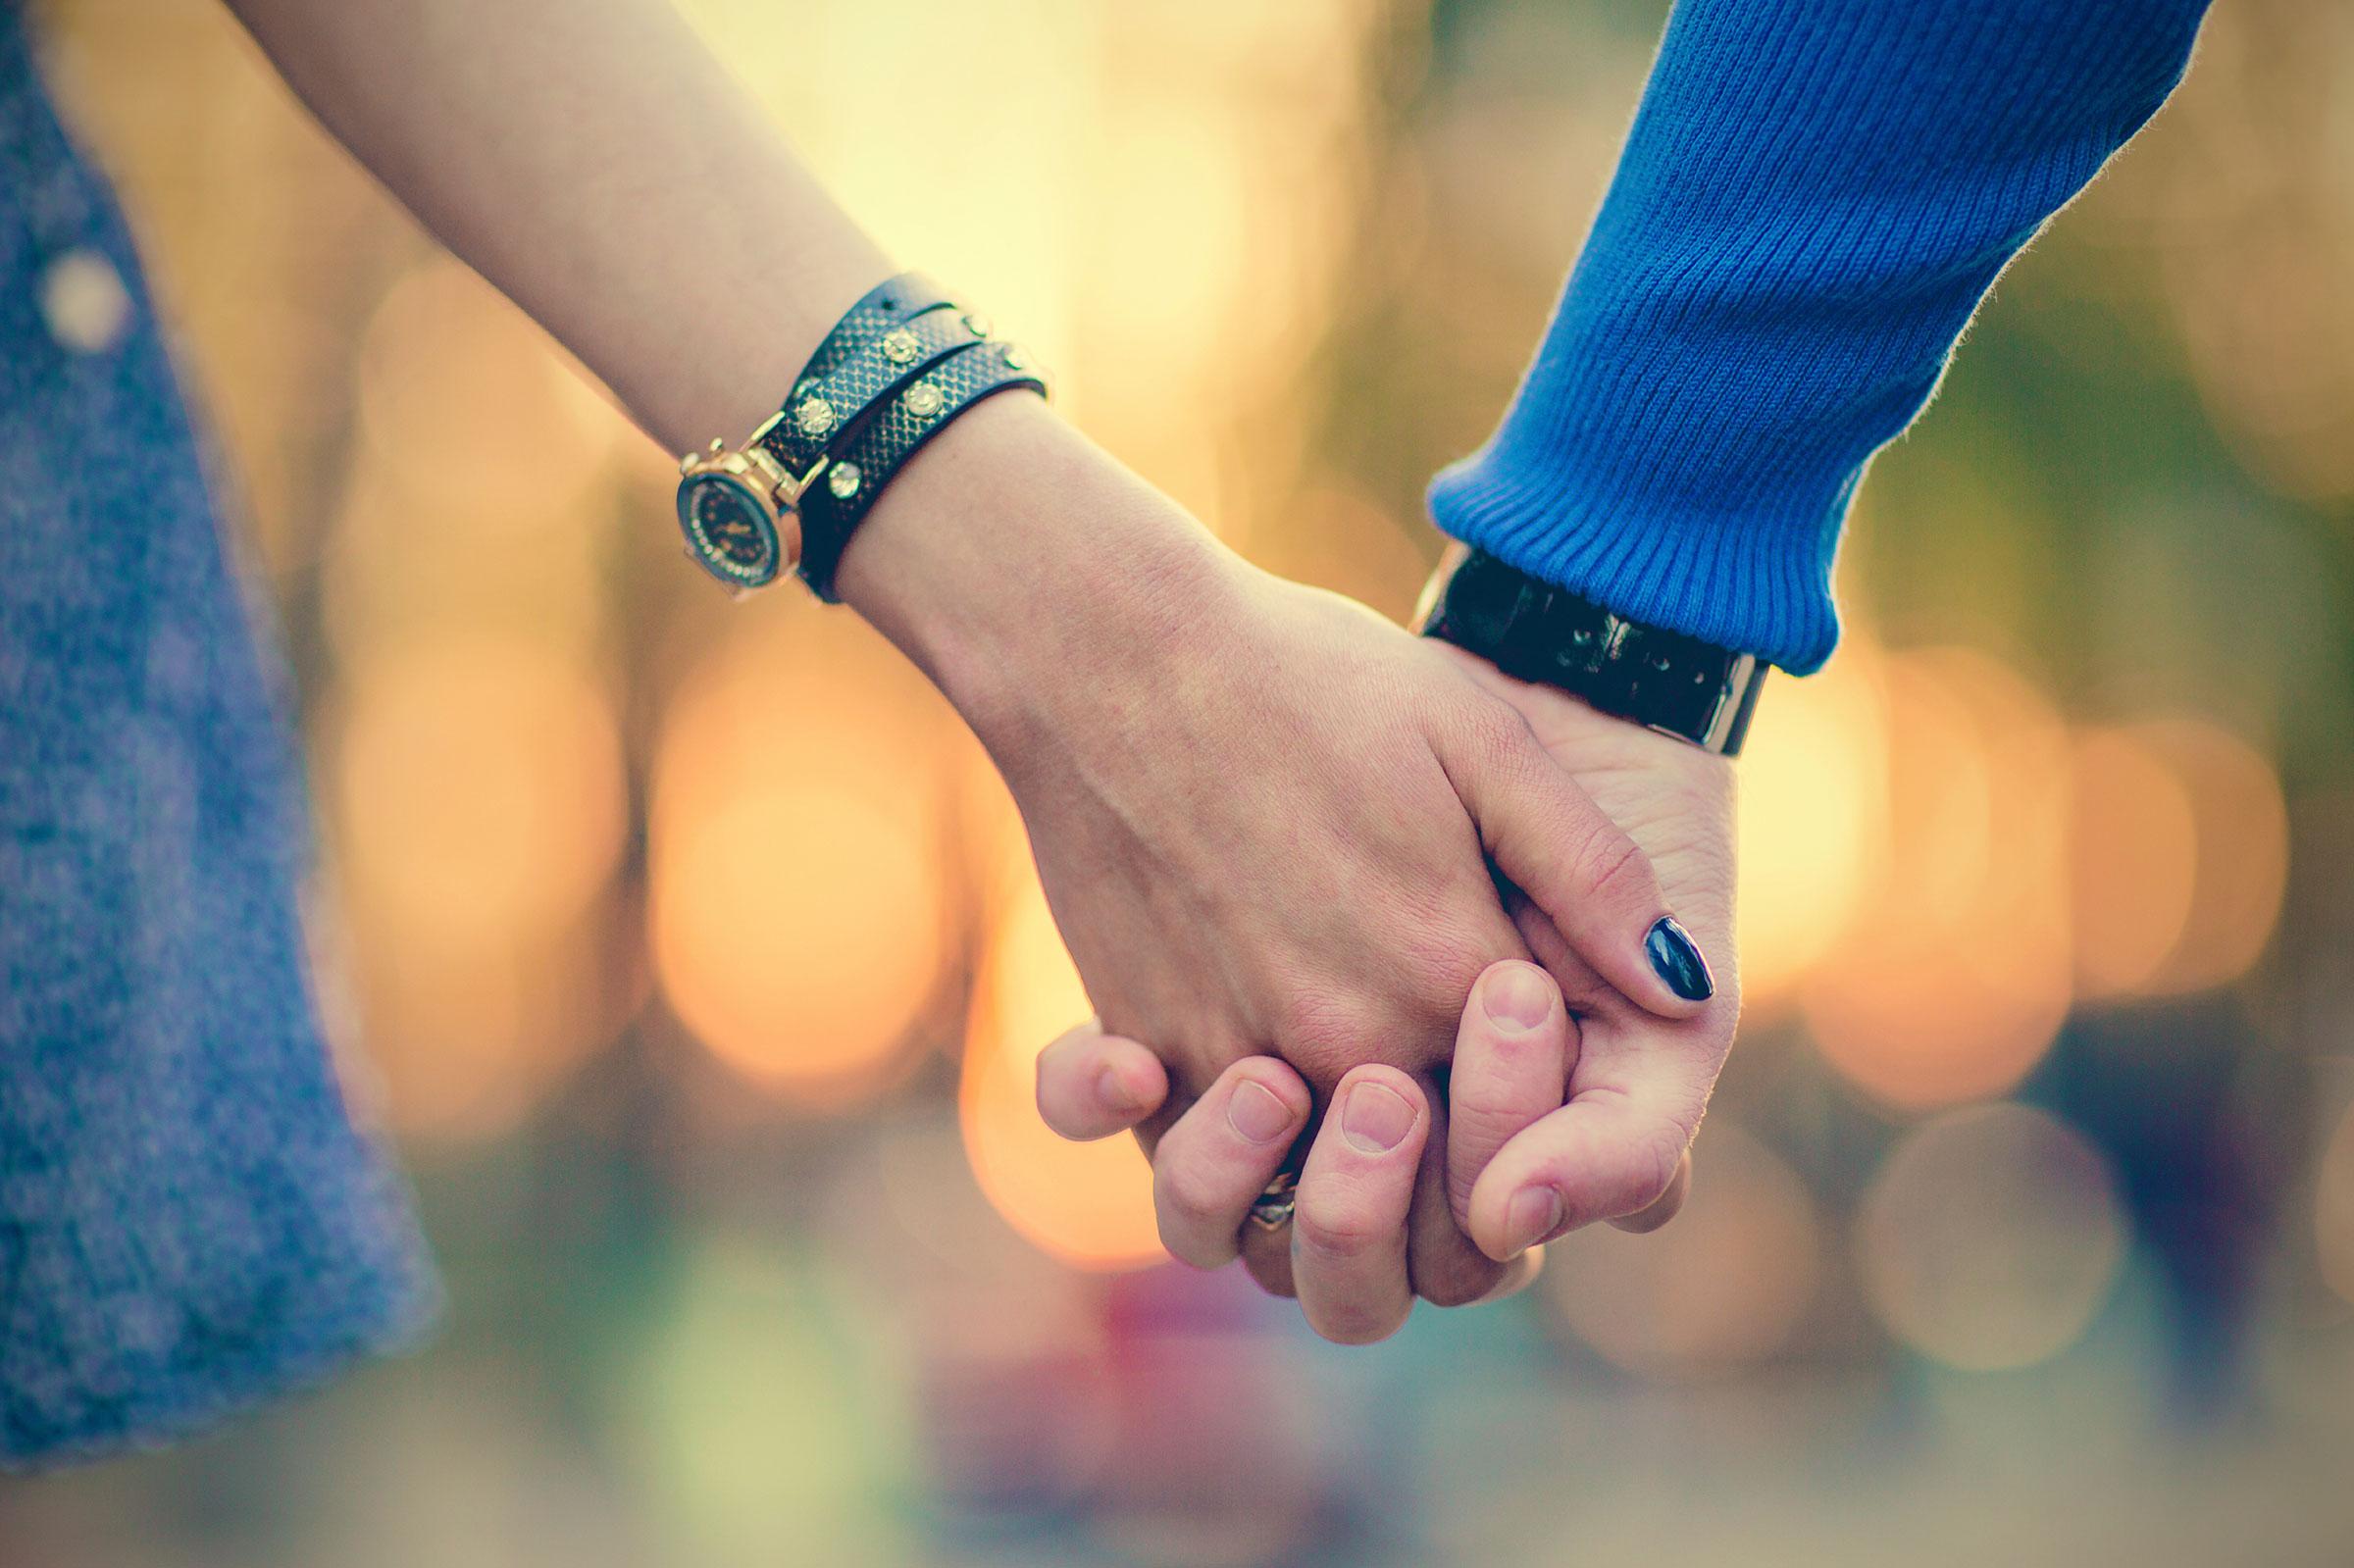 Совместимость знаков зодиака в любви, горосокоп